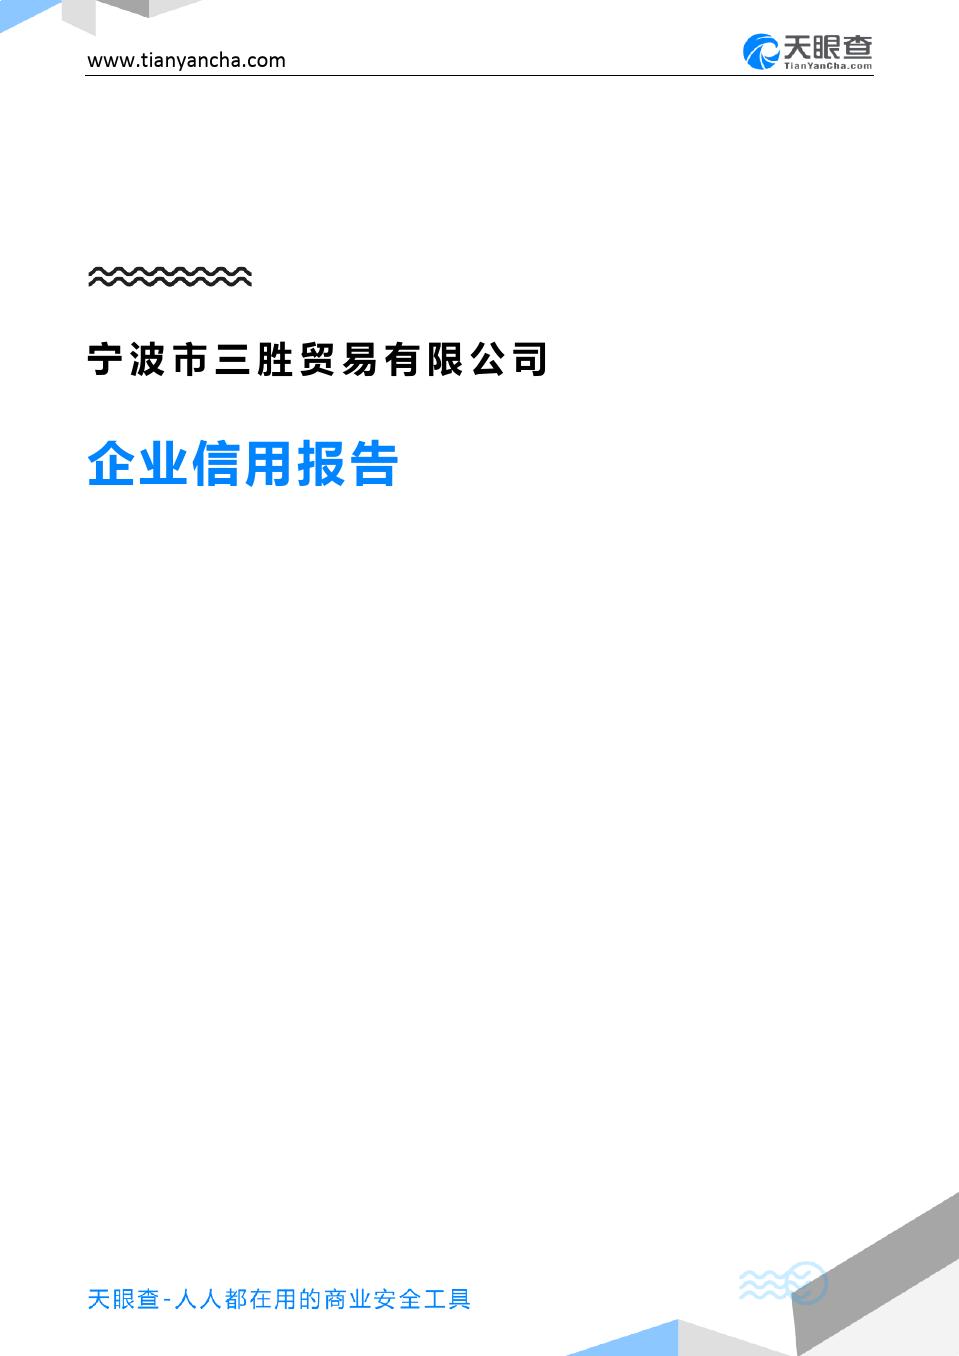 宁波市三胜贸易有限公司(企业信用报告)- 天眼查